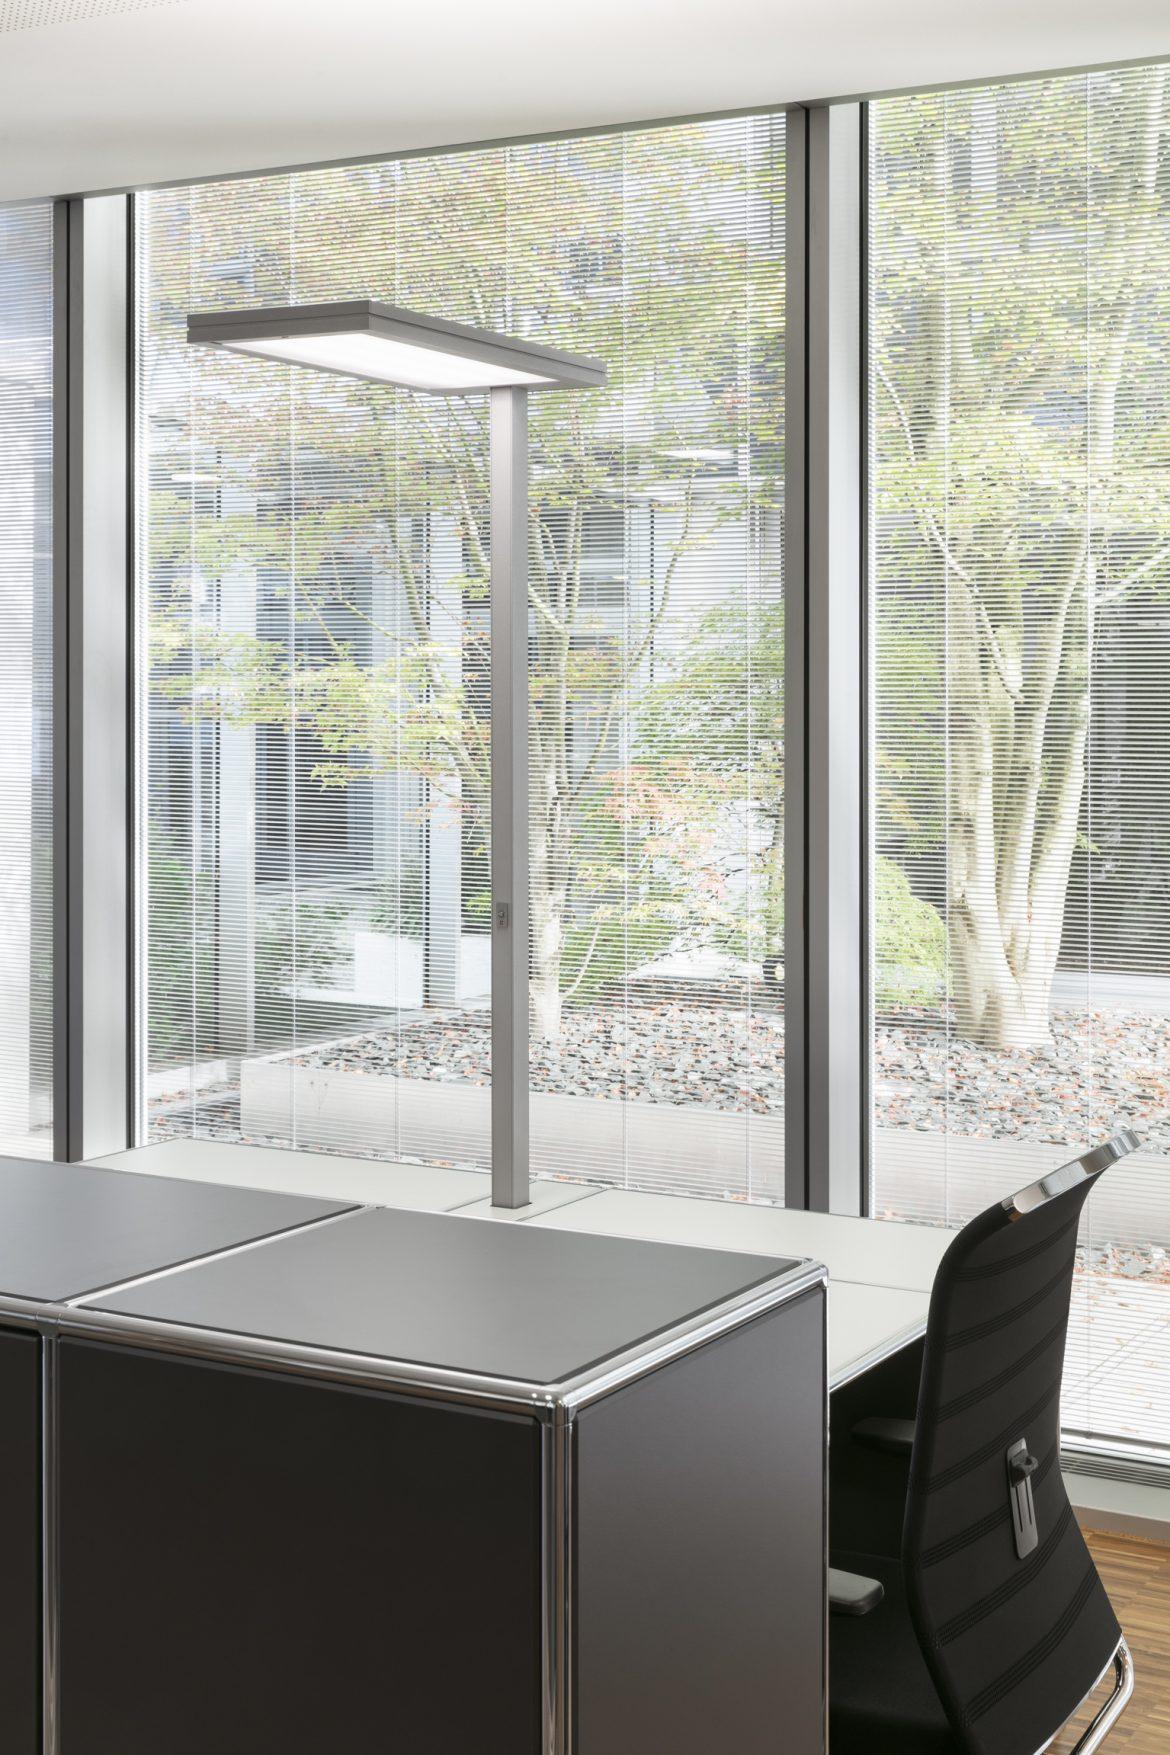 Einzelarbeitsplatz mit Leuchte